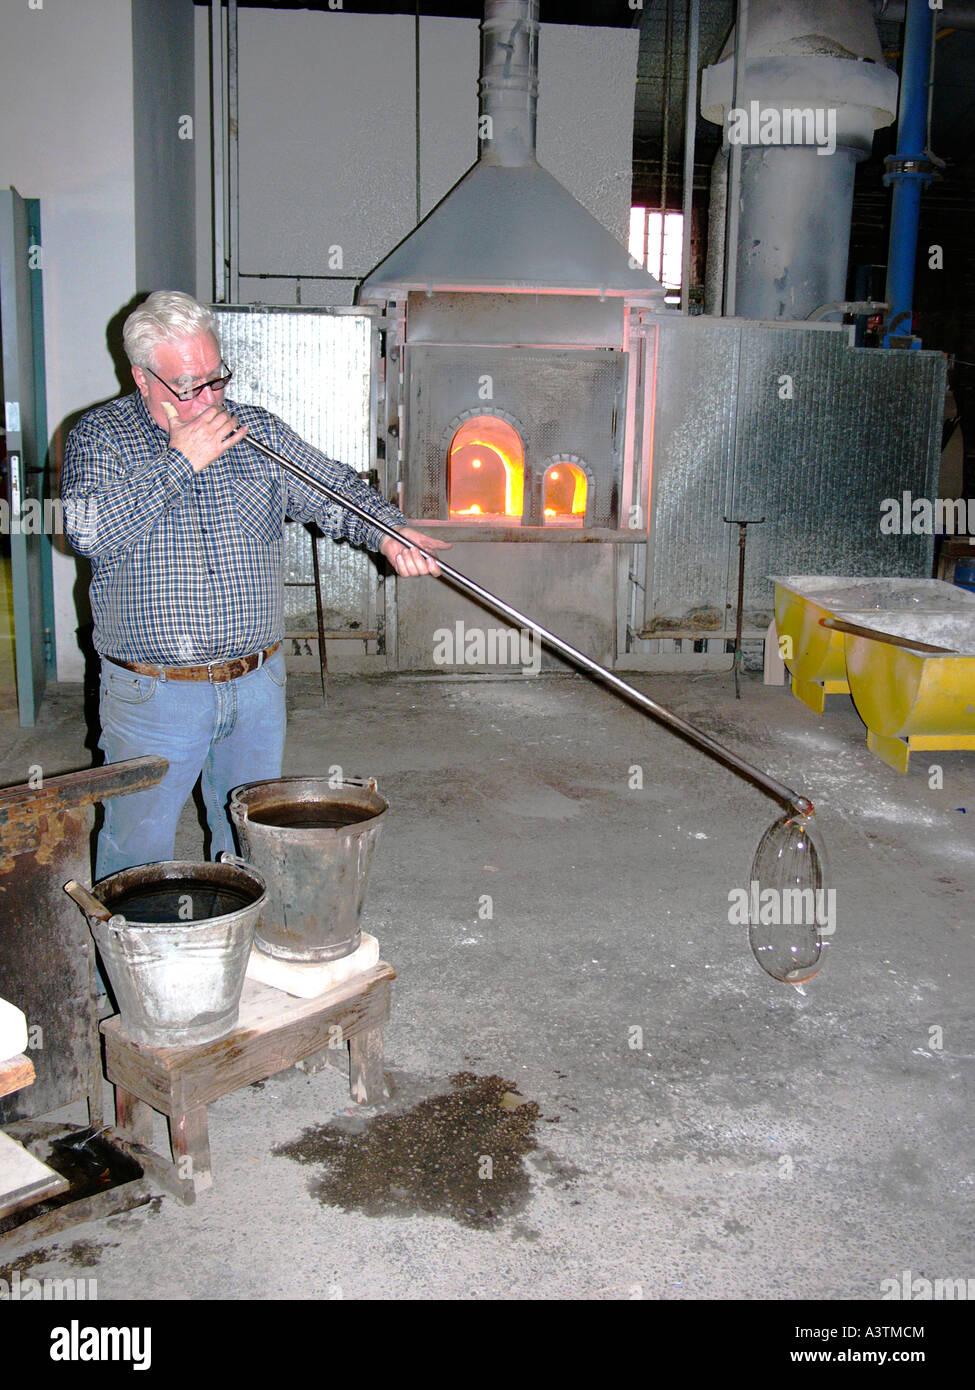 Souffleur De Verre Ile De Ré souffleur de verre à travailler dans un atelier sur l'île